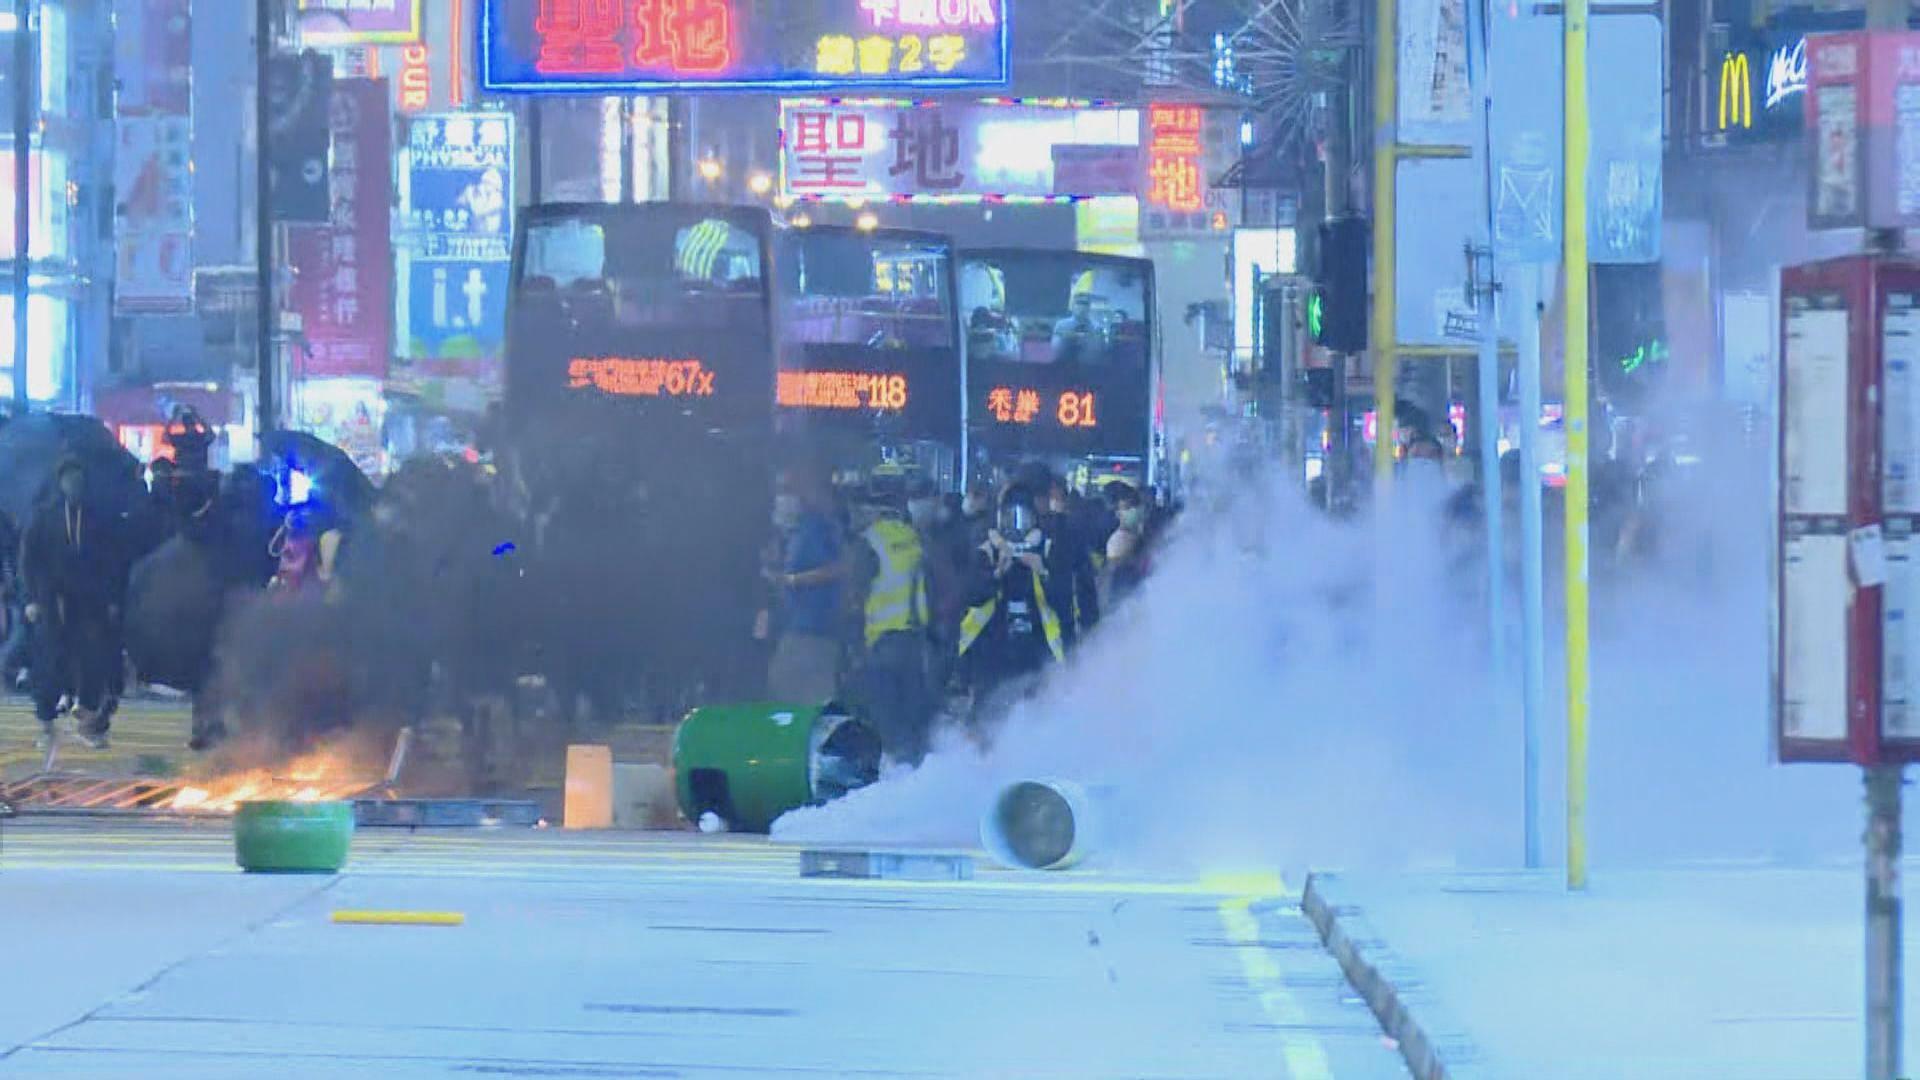 【831半周年】太子有人縱火堵路 警施放催淚彈驅散